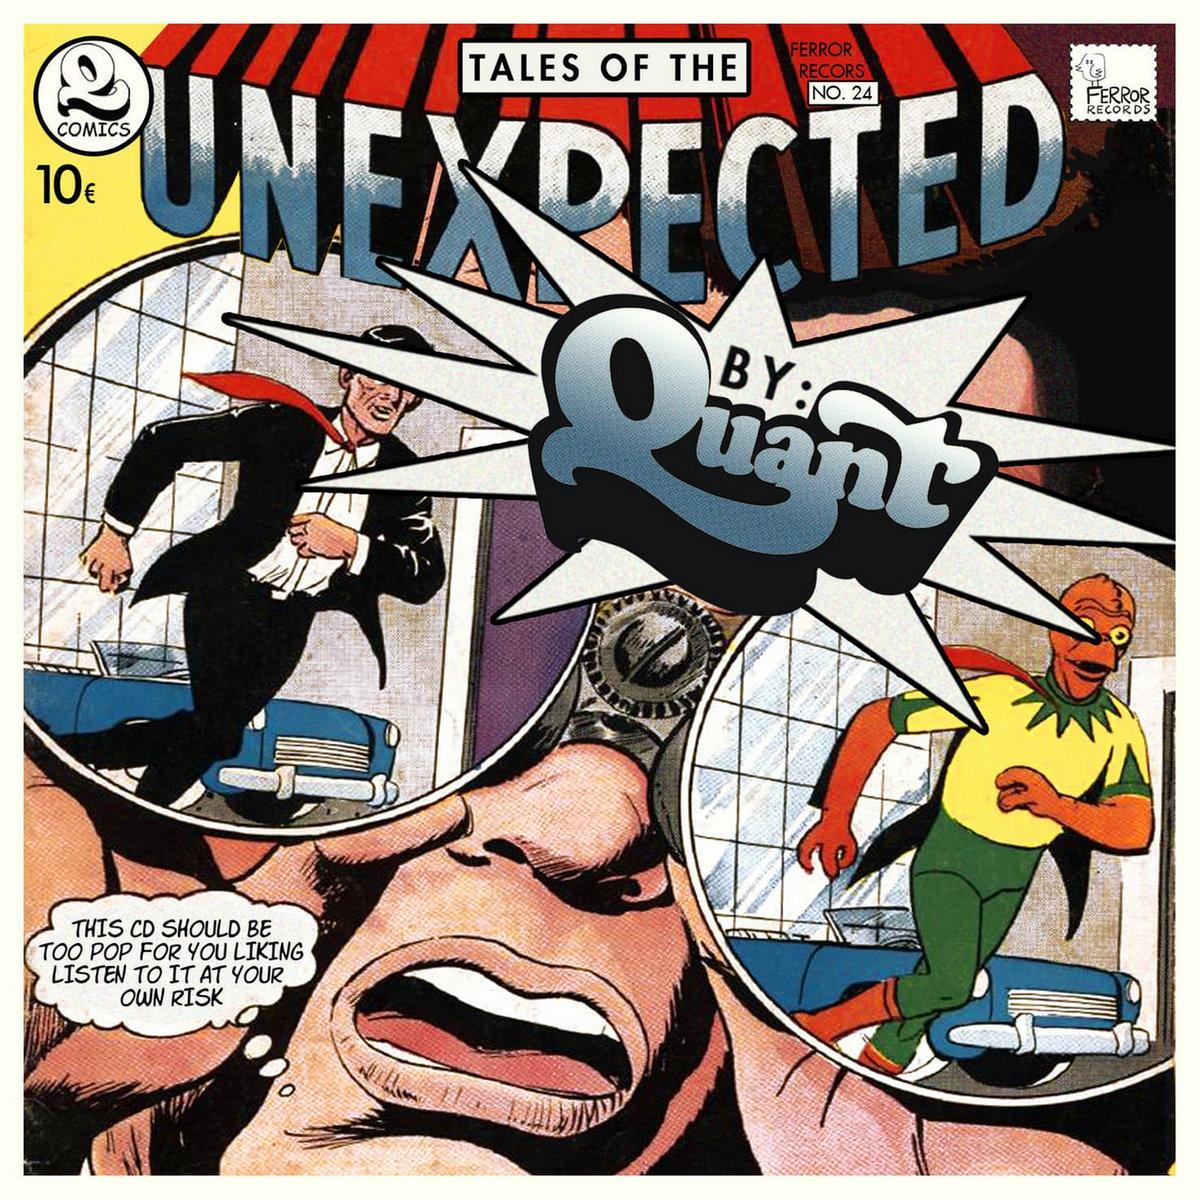 portada del album Tales of the Unexpected